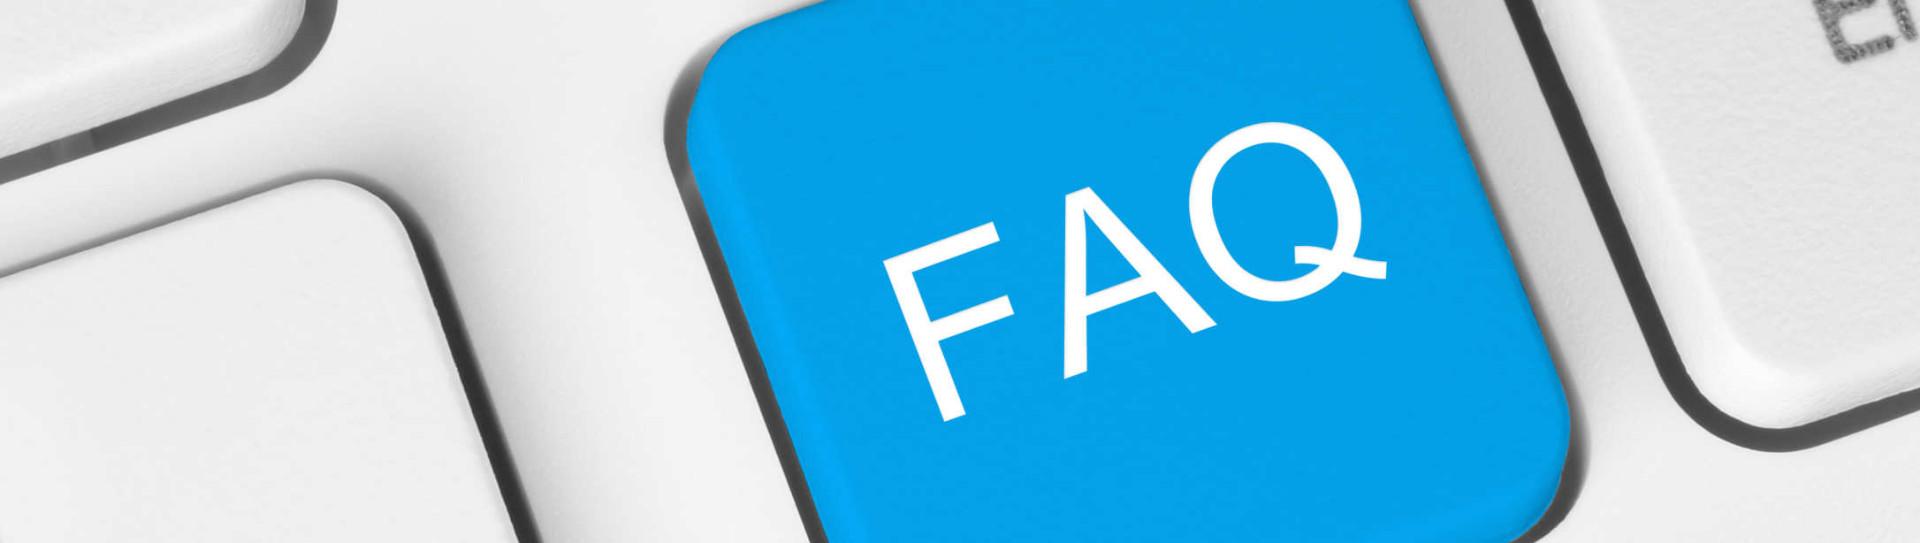 FAQ's & Help